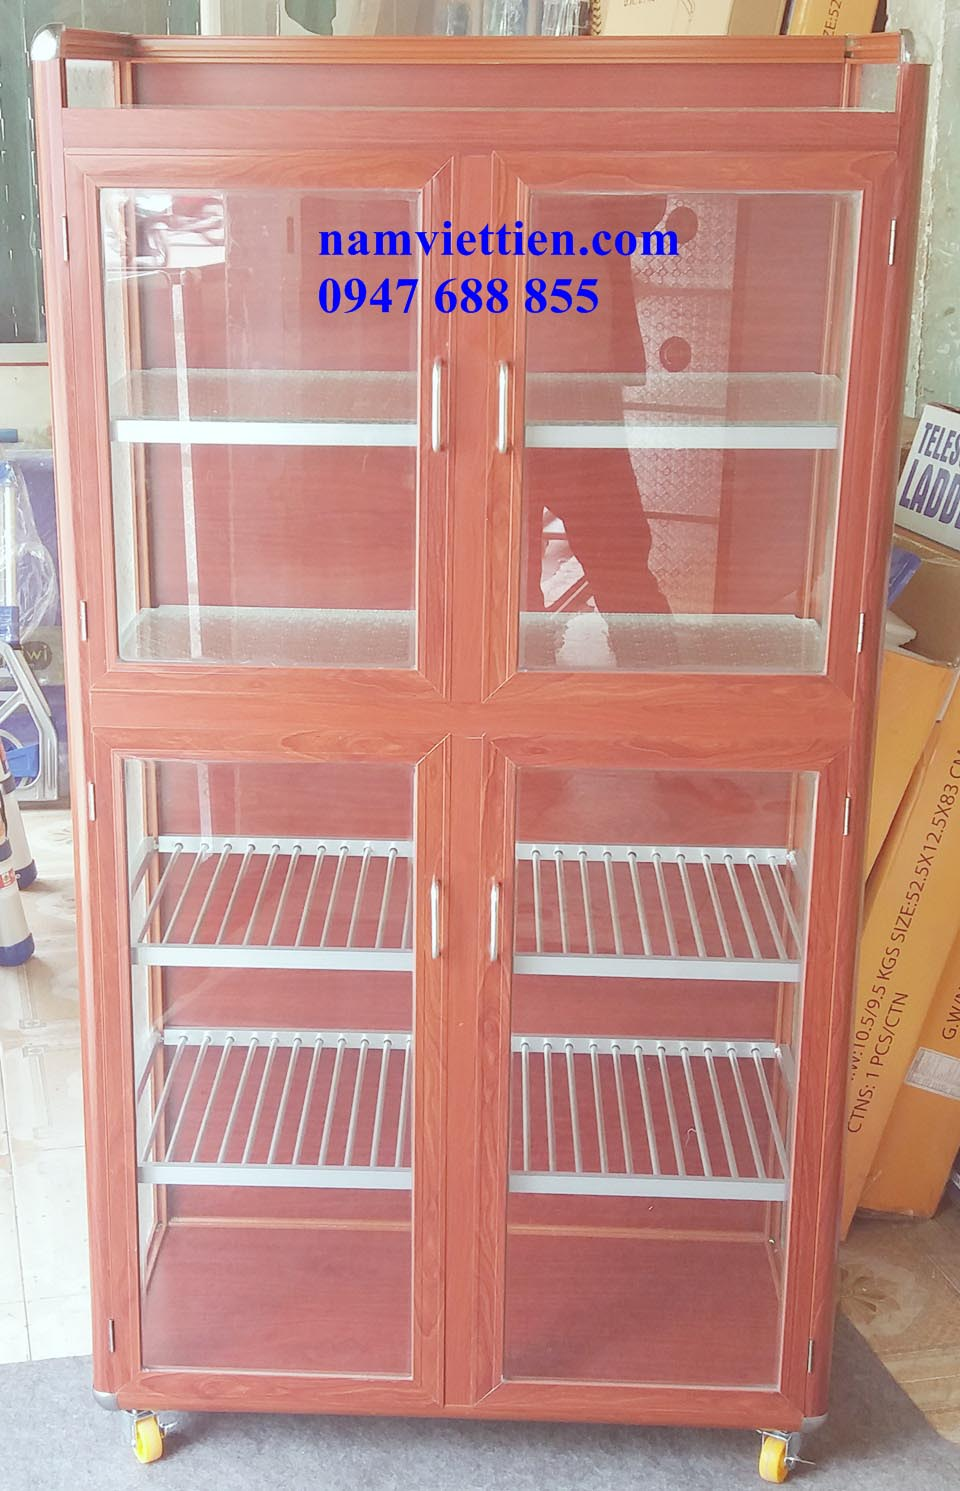 20180323 123340 - Tủ chén nhôm kính giá rẻ